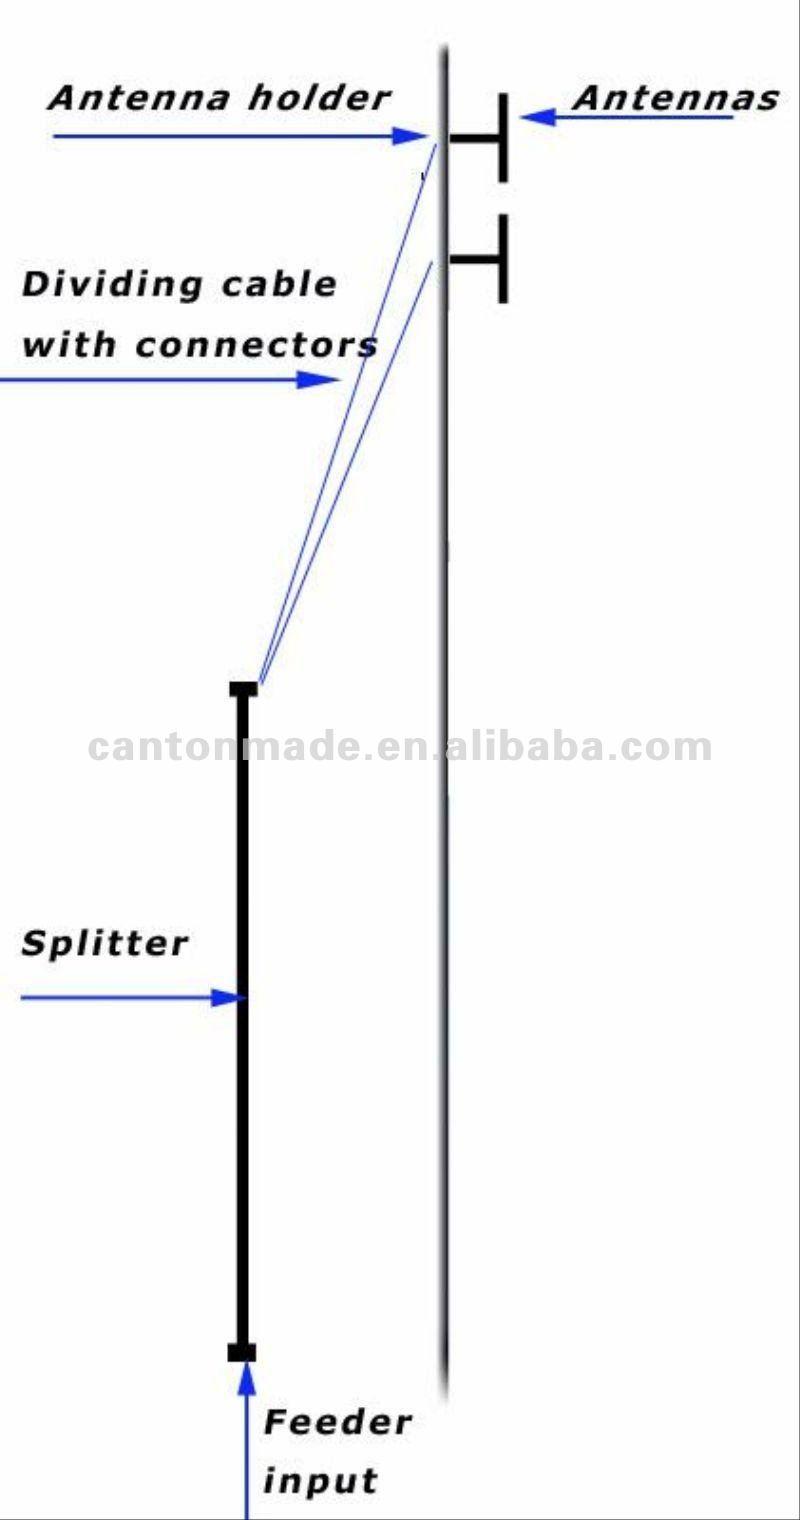 как настроить фидер антенны